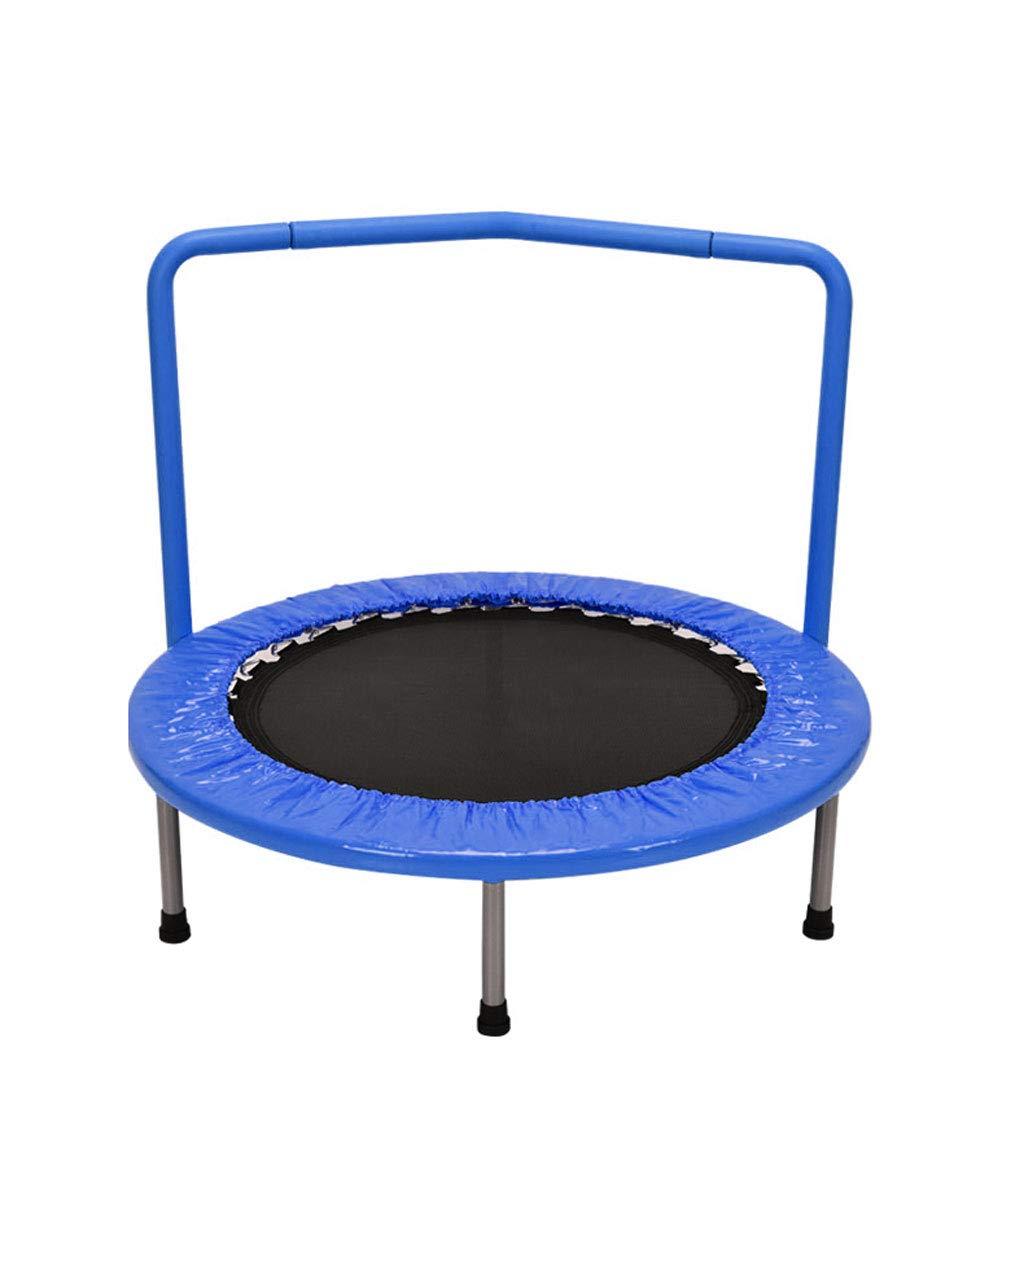 屋内安全ミニエッジデザイン厚鋼管子供用トランポリン、子供用スポーツ、60KGに耐えることができます、36インチ、ラウンド (色 (色 : Pink) B07MFDSK9B 青 : 青 青, ニューヨークからの贈り物:e4140063 --- krianta.com